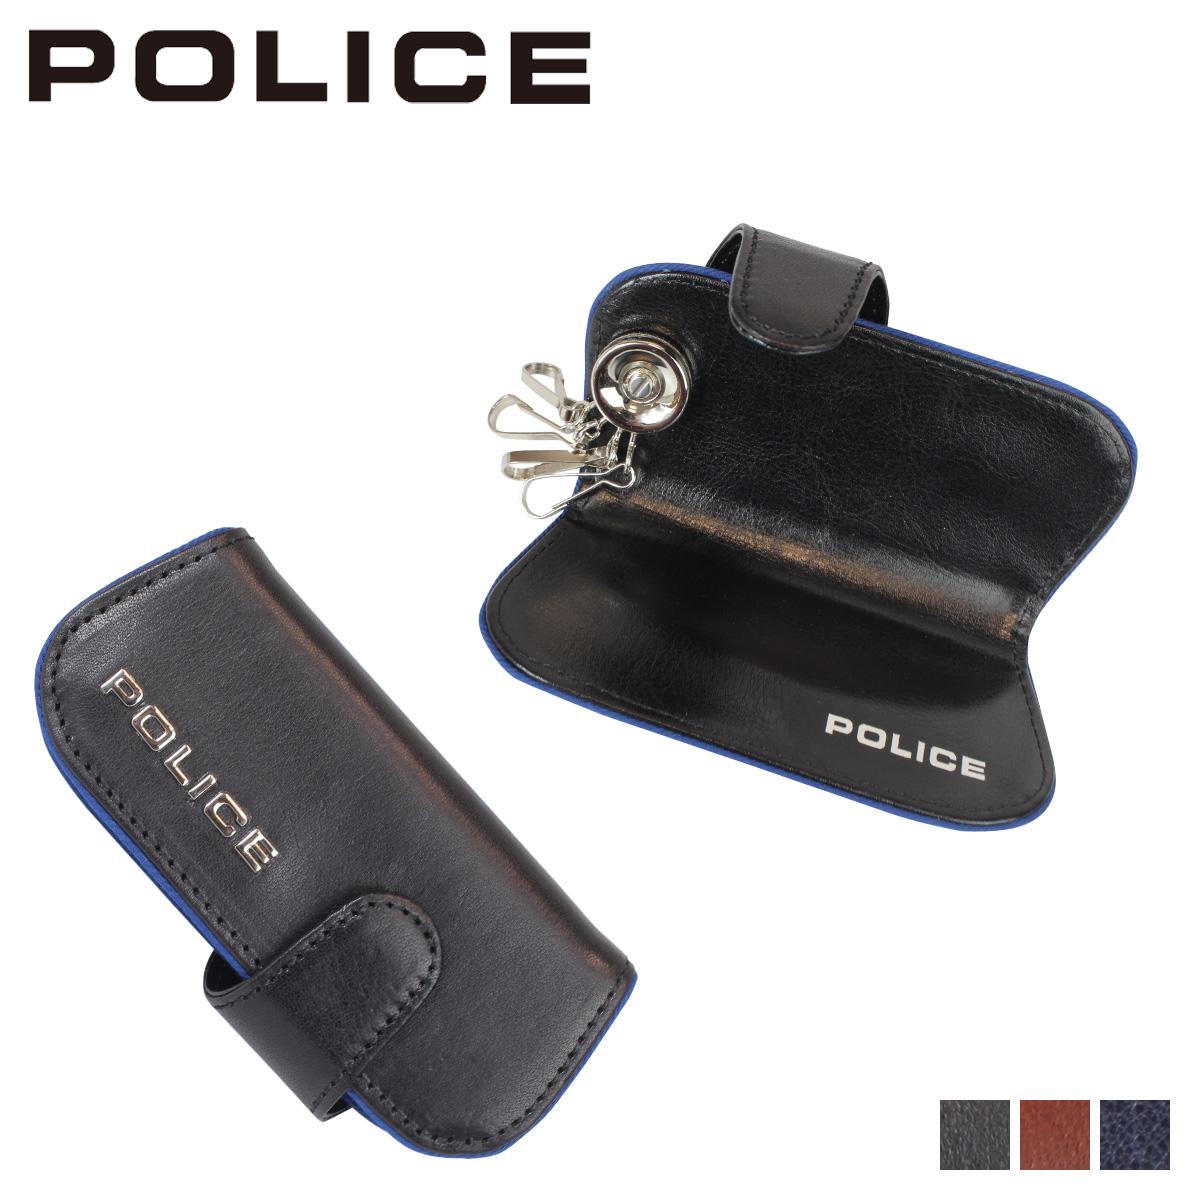 ポリス POLICE キーケース キーホルダー メンズ 4連 レザー TERAIO KEY CASE ブラック ネイビー ダーク ブラウン 黒 PA-58003